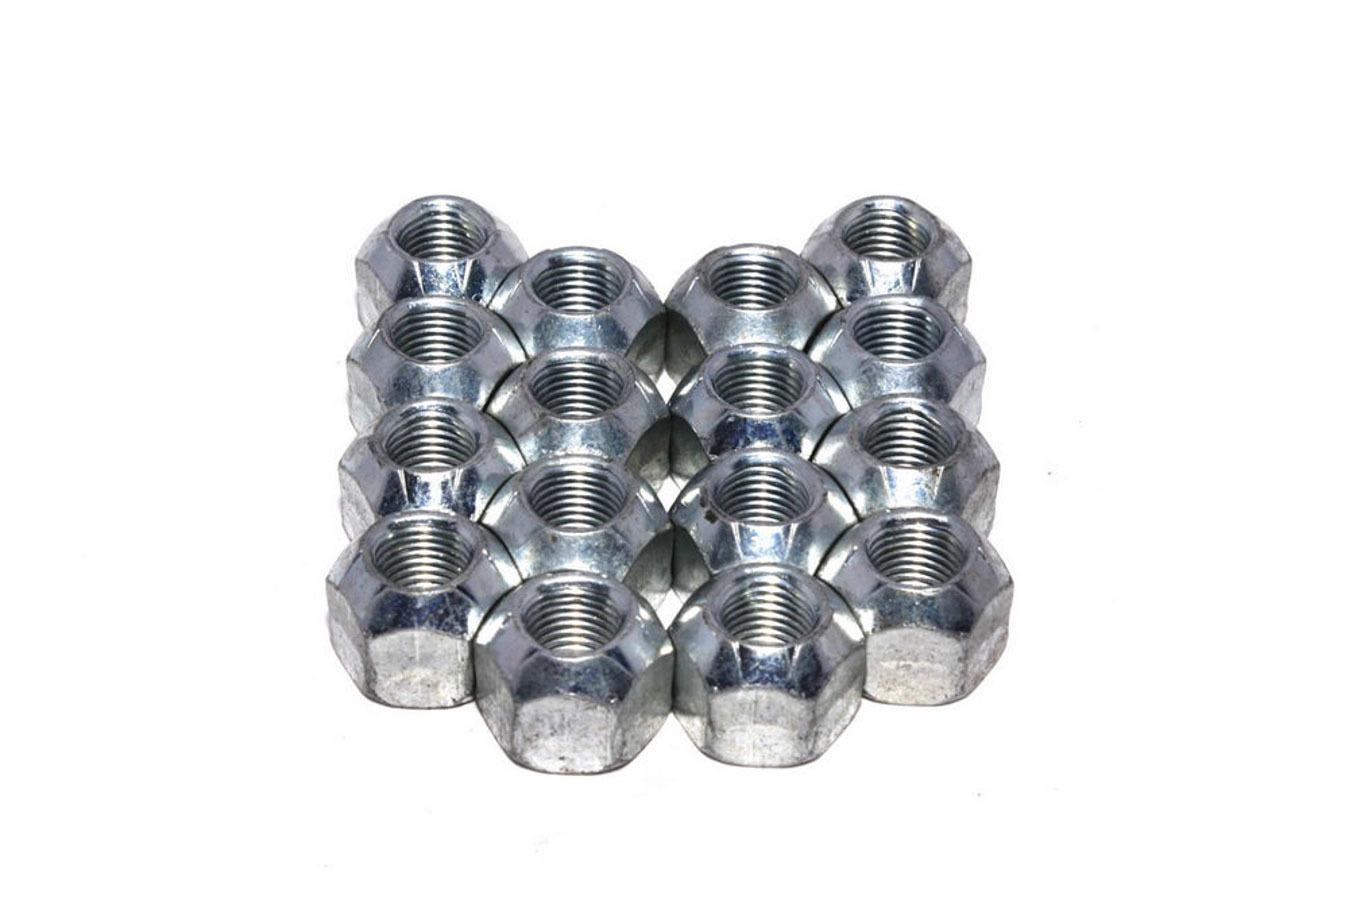 Comp Cams Rocker Arm Nuts - 7/16